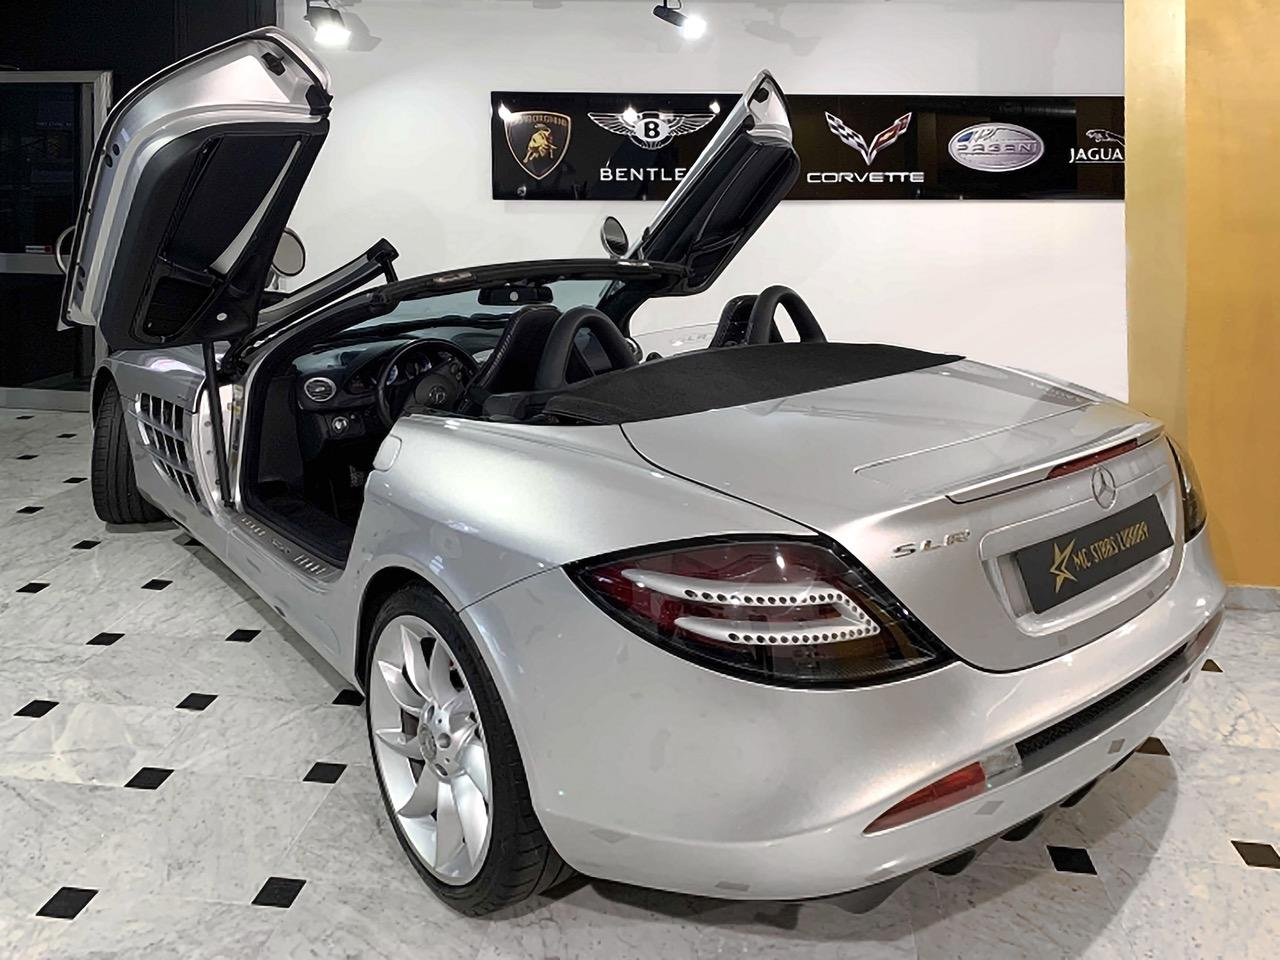 Mercedes-Benz-SLR-Roadster-55-AMG-2